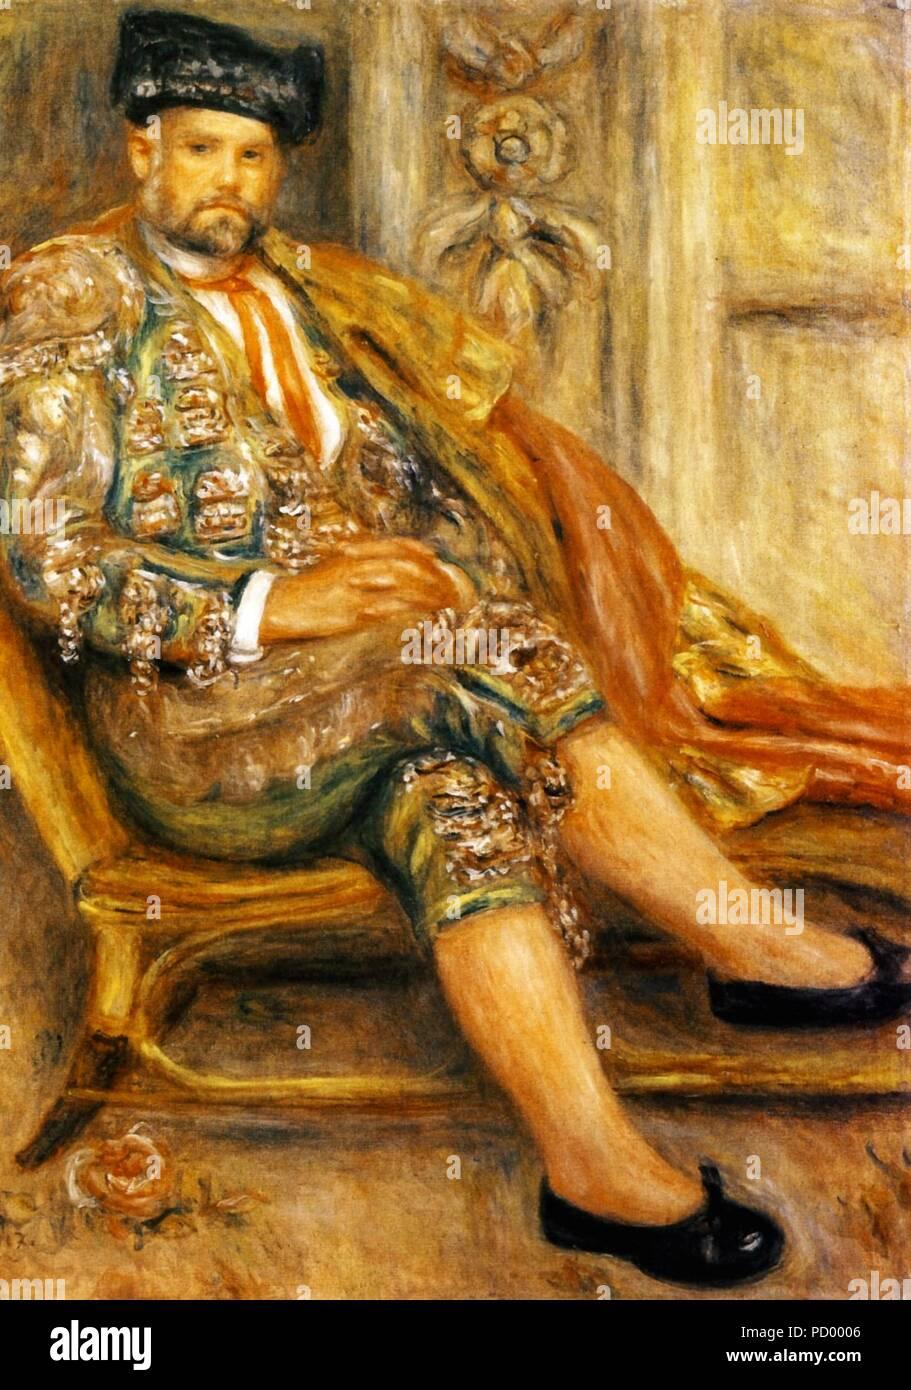 Ambroise Vollard by Pierre-Auguste Renoir. - Stock Image